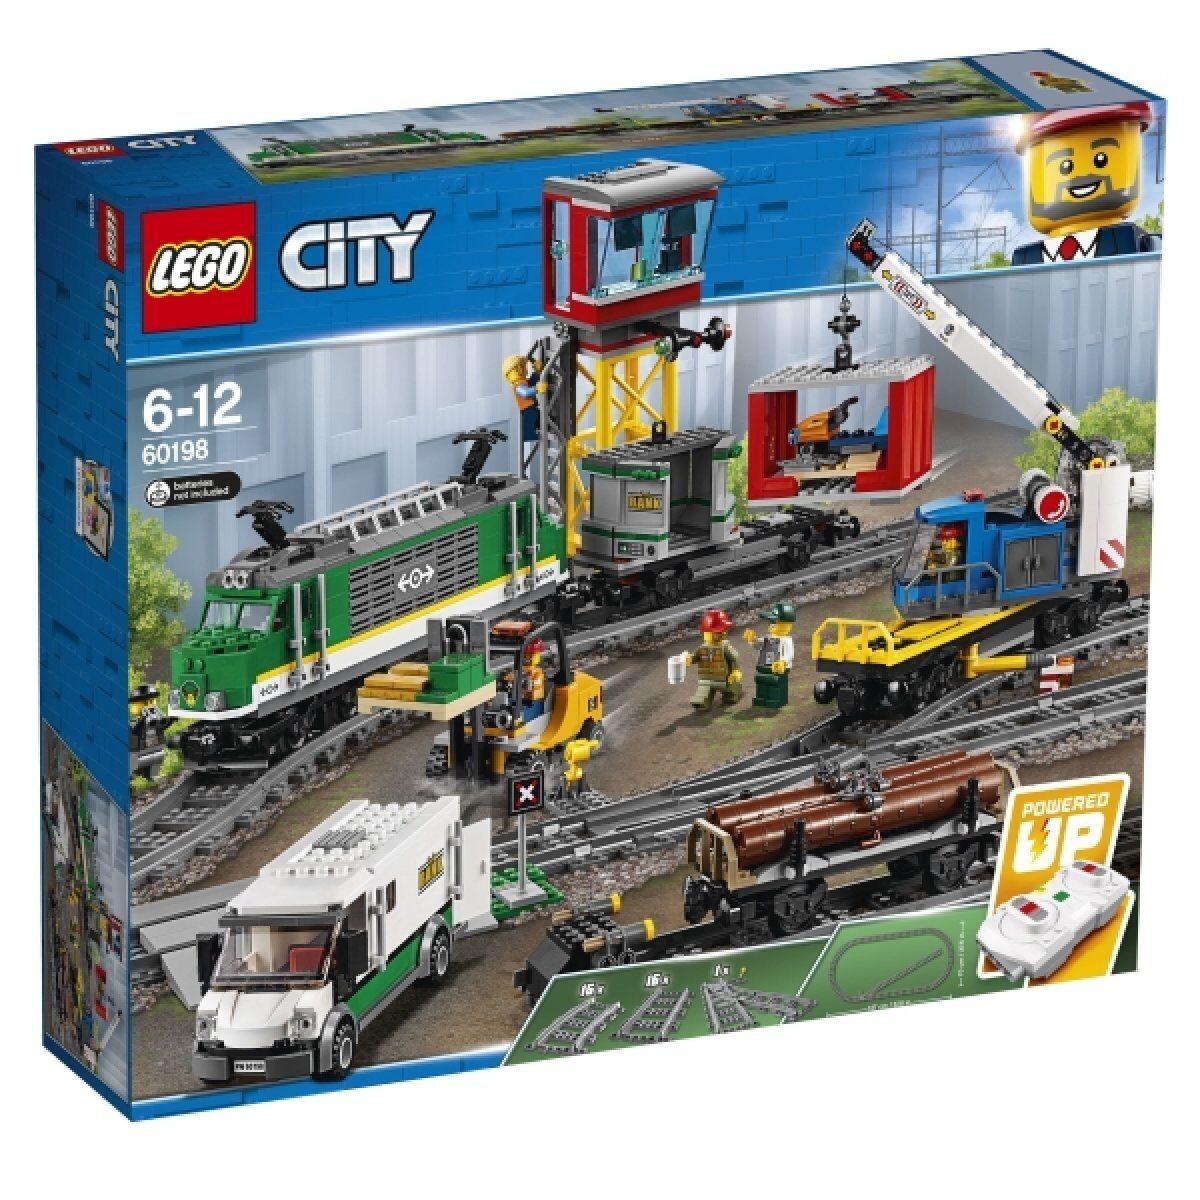 LEGO City Güterzug Eisenbahn 60198 NEU OVP